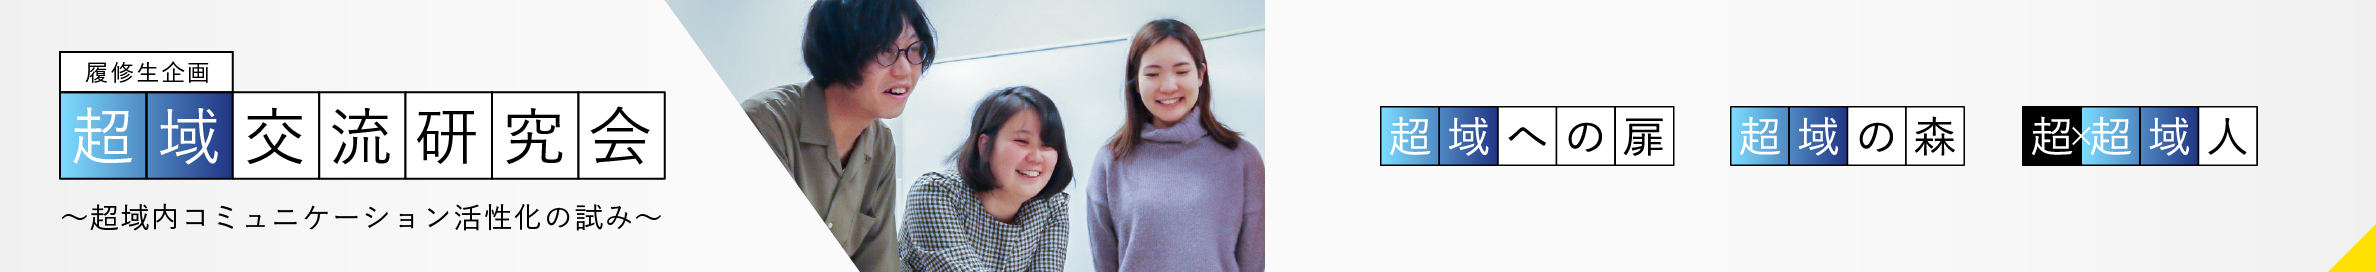 超域交流研究会 〜超域内コミュニケーション活性化の試み〜